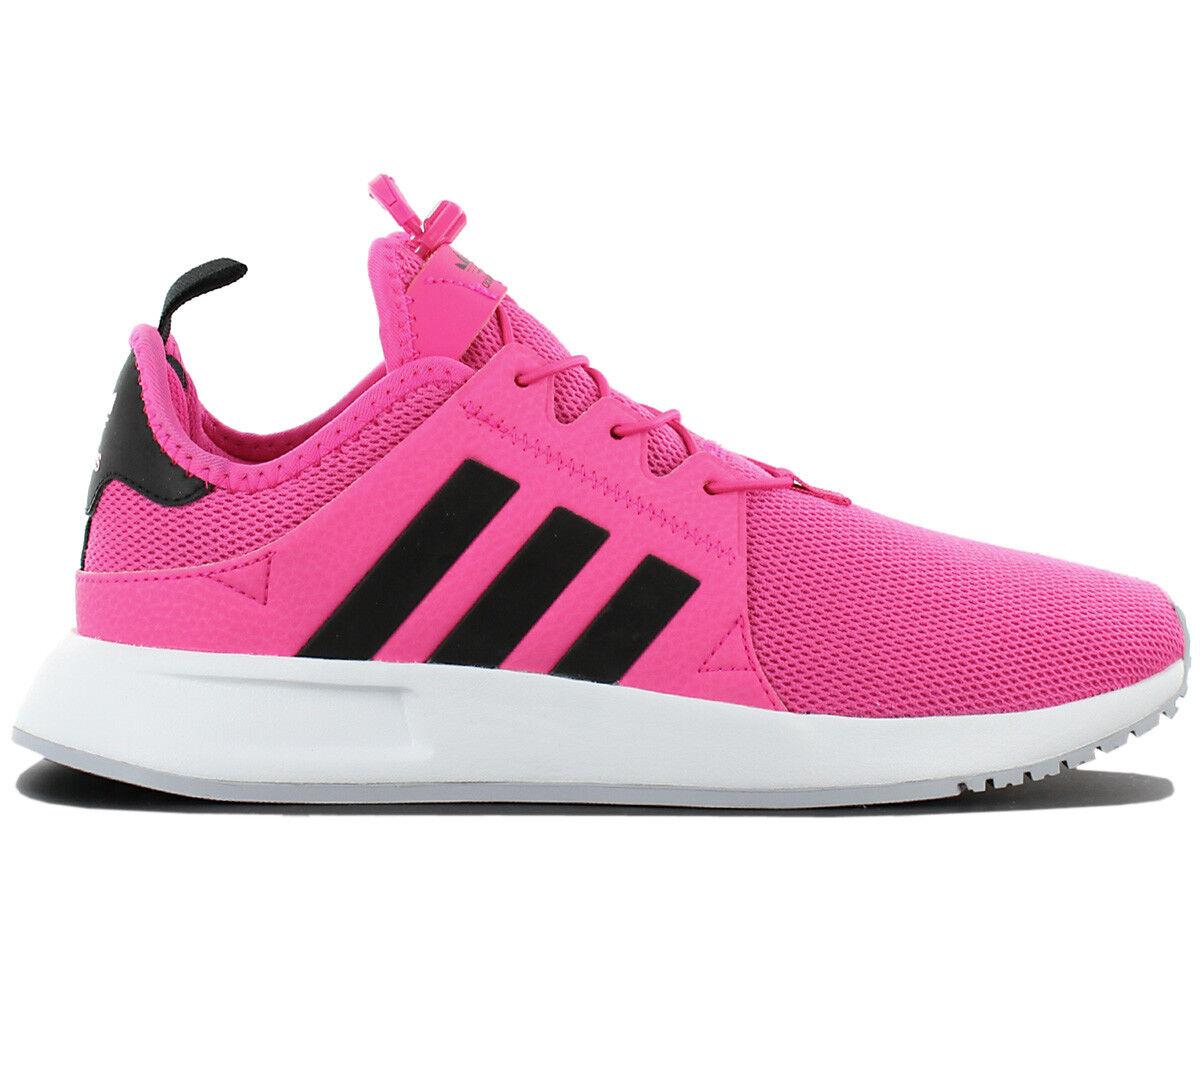 Adidas Originals X Plr Zapatillas Zapatillas Zapatillas de Deporte para Mujer Rosa Ocio BB1108 Nuevo 50da4c